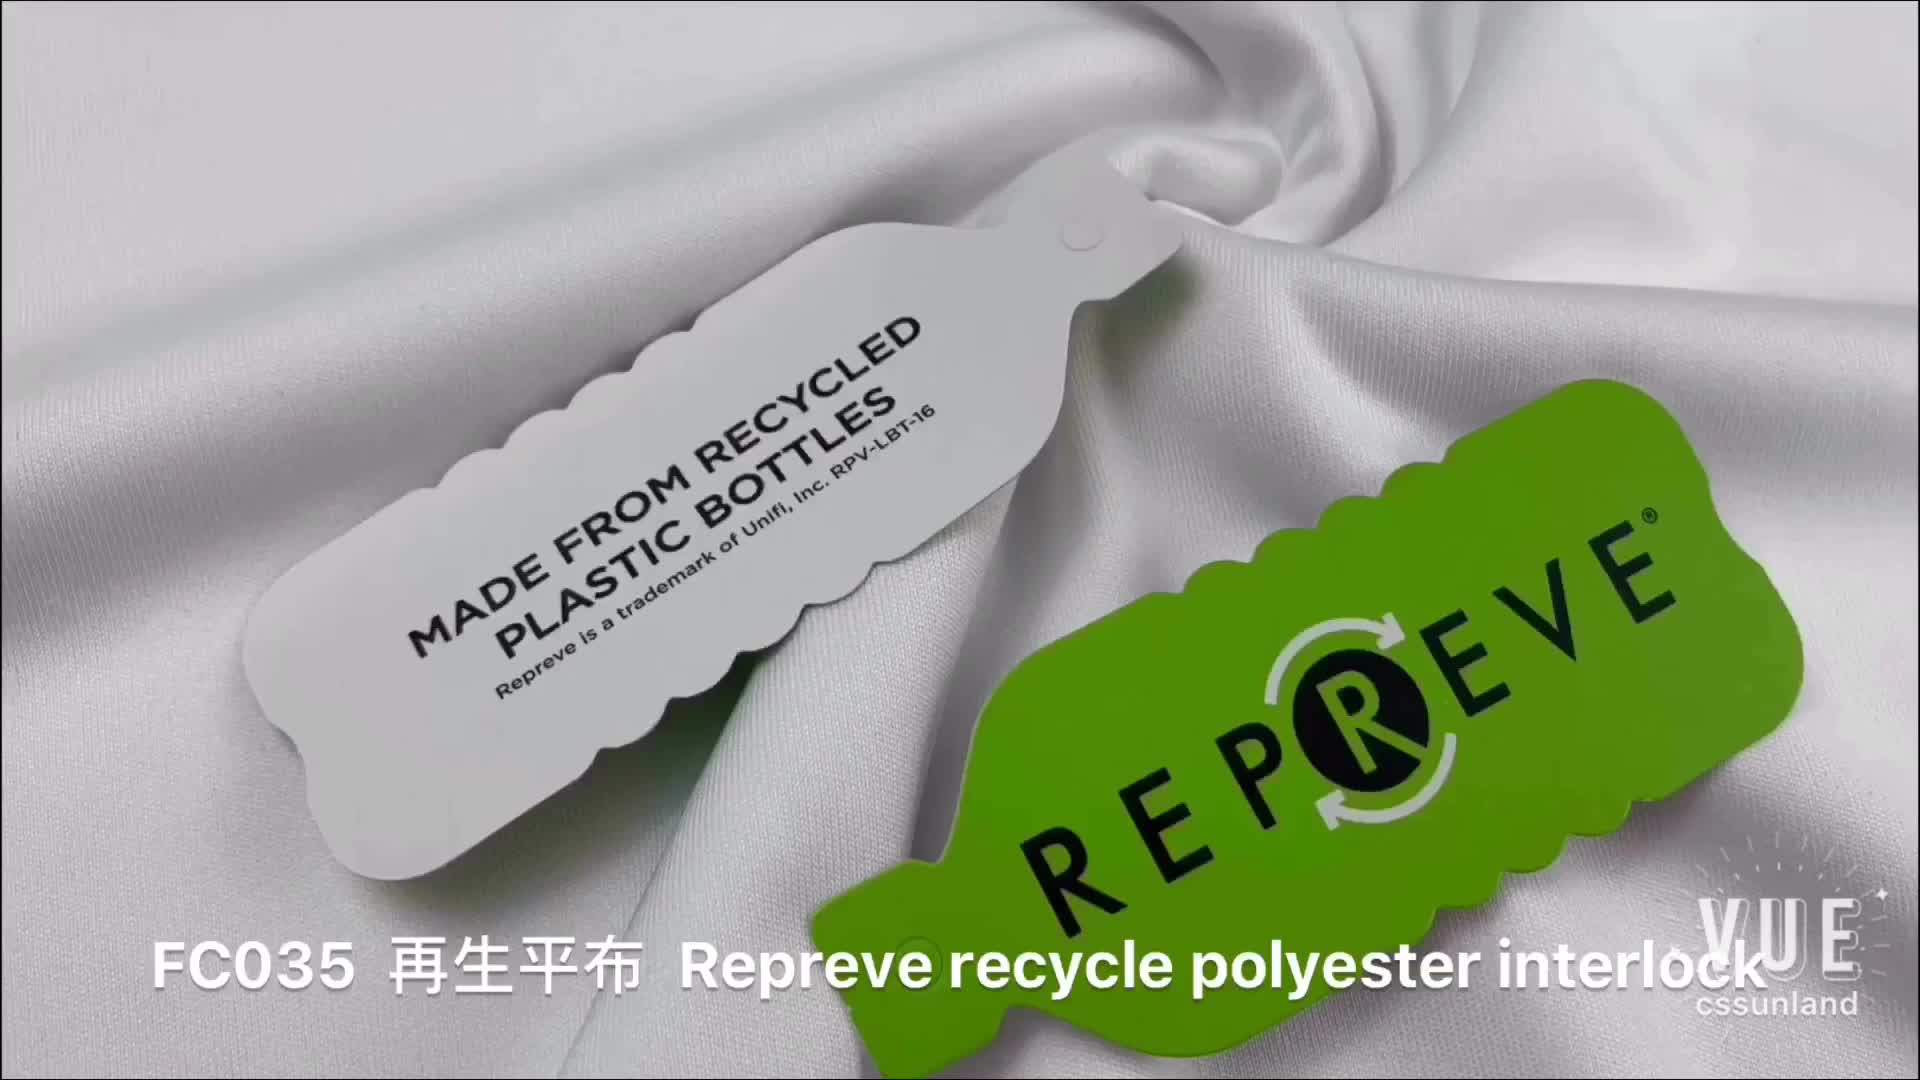 Lixívia branca tingida Unifi Repreve eco friendly camiseta pano 100% de reciclagem de poliéster de trama de tricô tecido interlock jersey